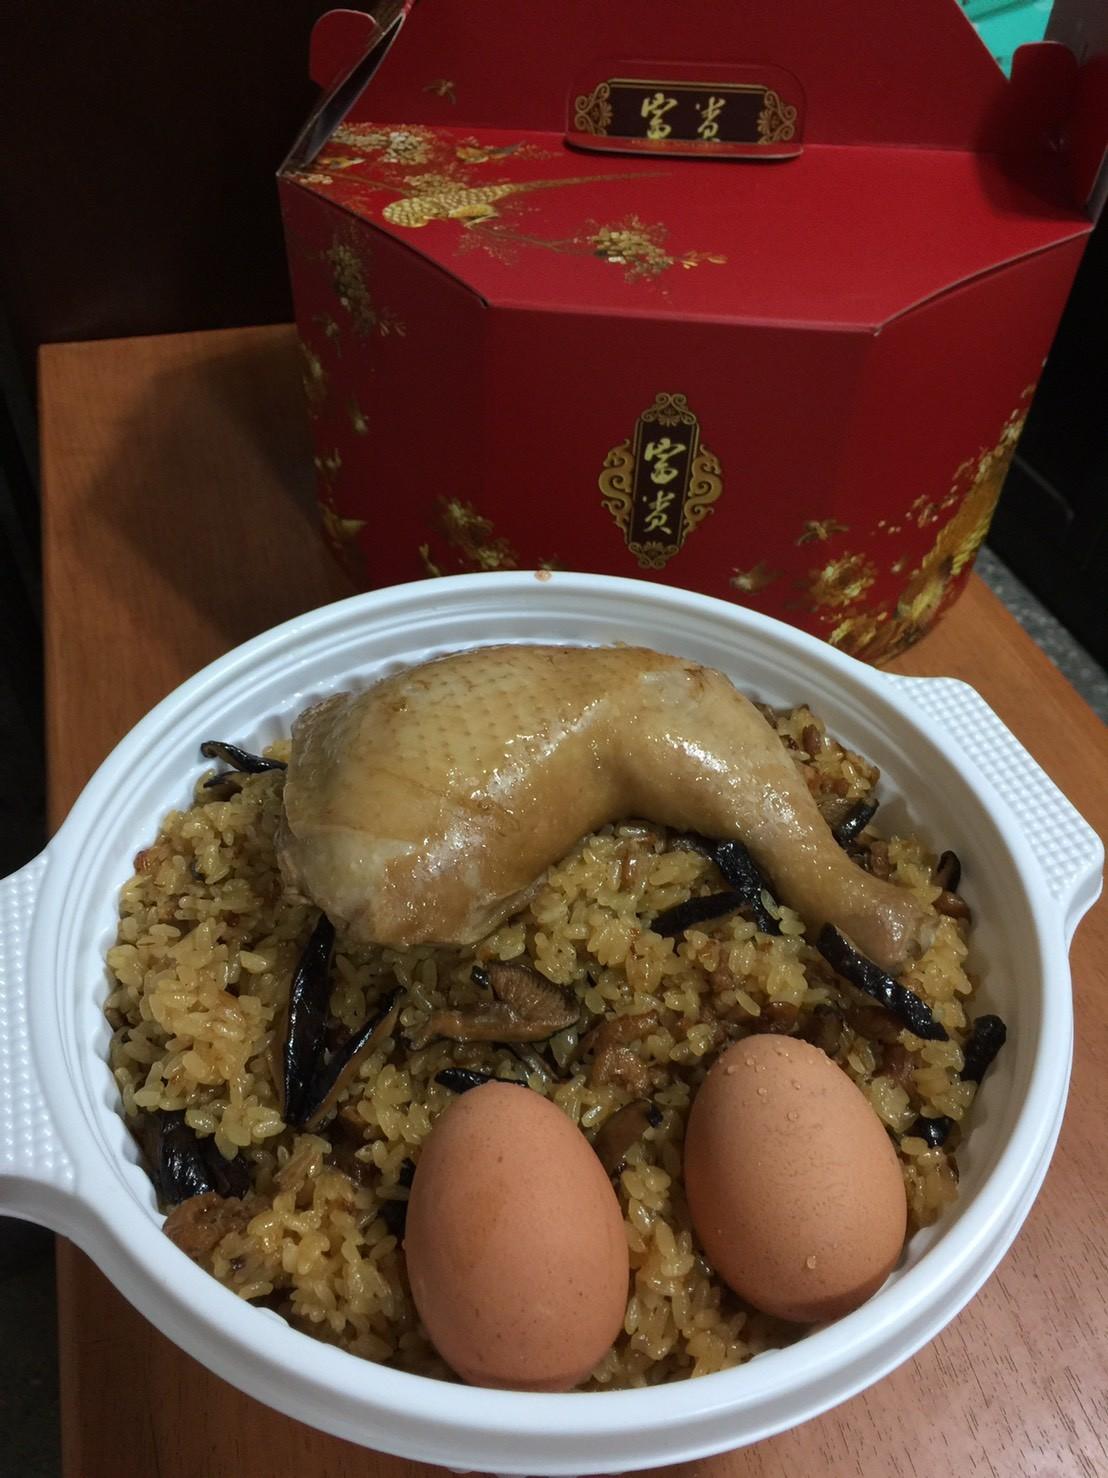 胖姨媽招牌手工彌月油飯拜拜用~3斤油飯+1腿+2蛋(紅提盒另計)